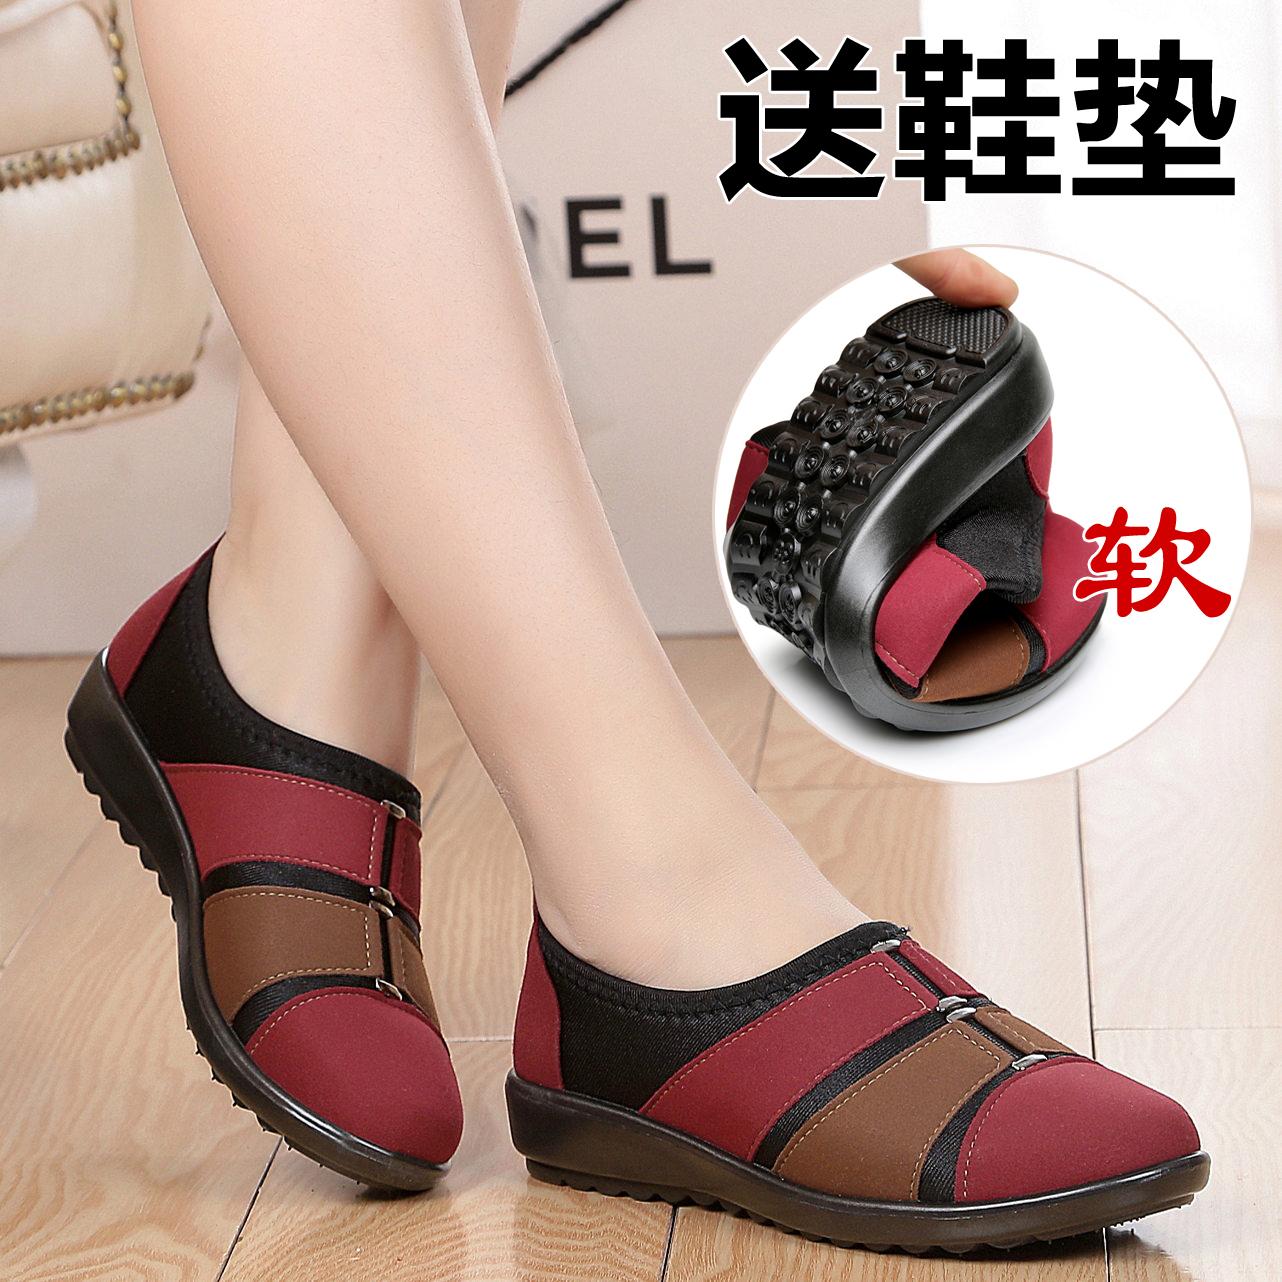 正品老北京布鞋妈妈鞋软底防滑休闲奶奶鞋春秋款单鞋中老年人女鞋